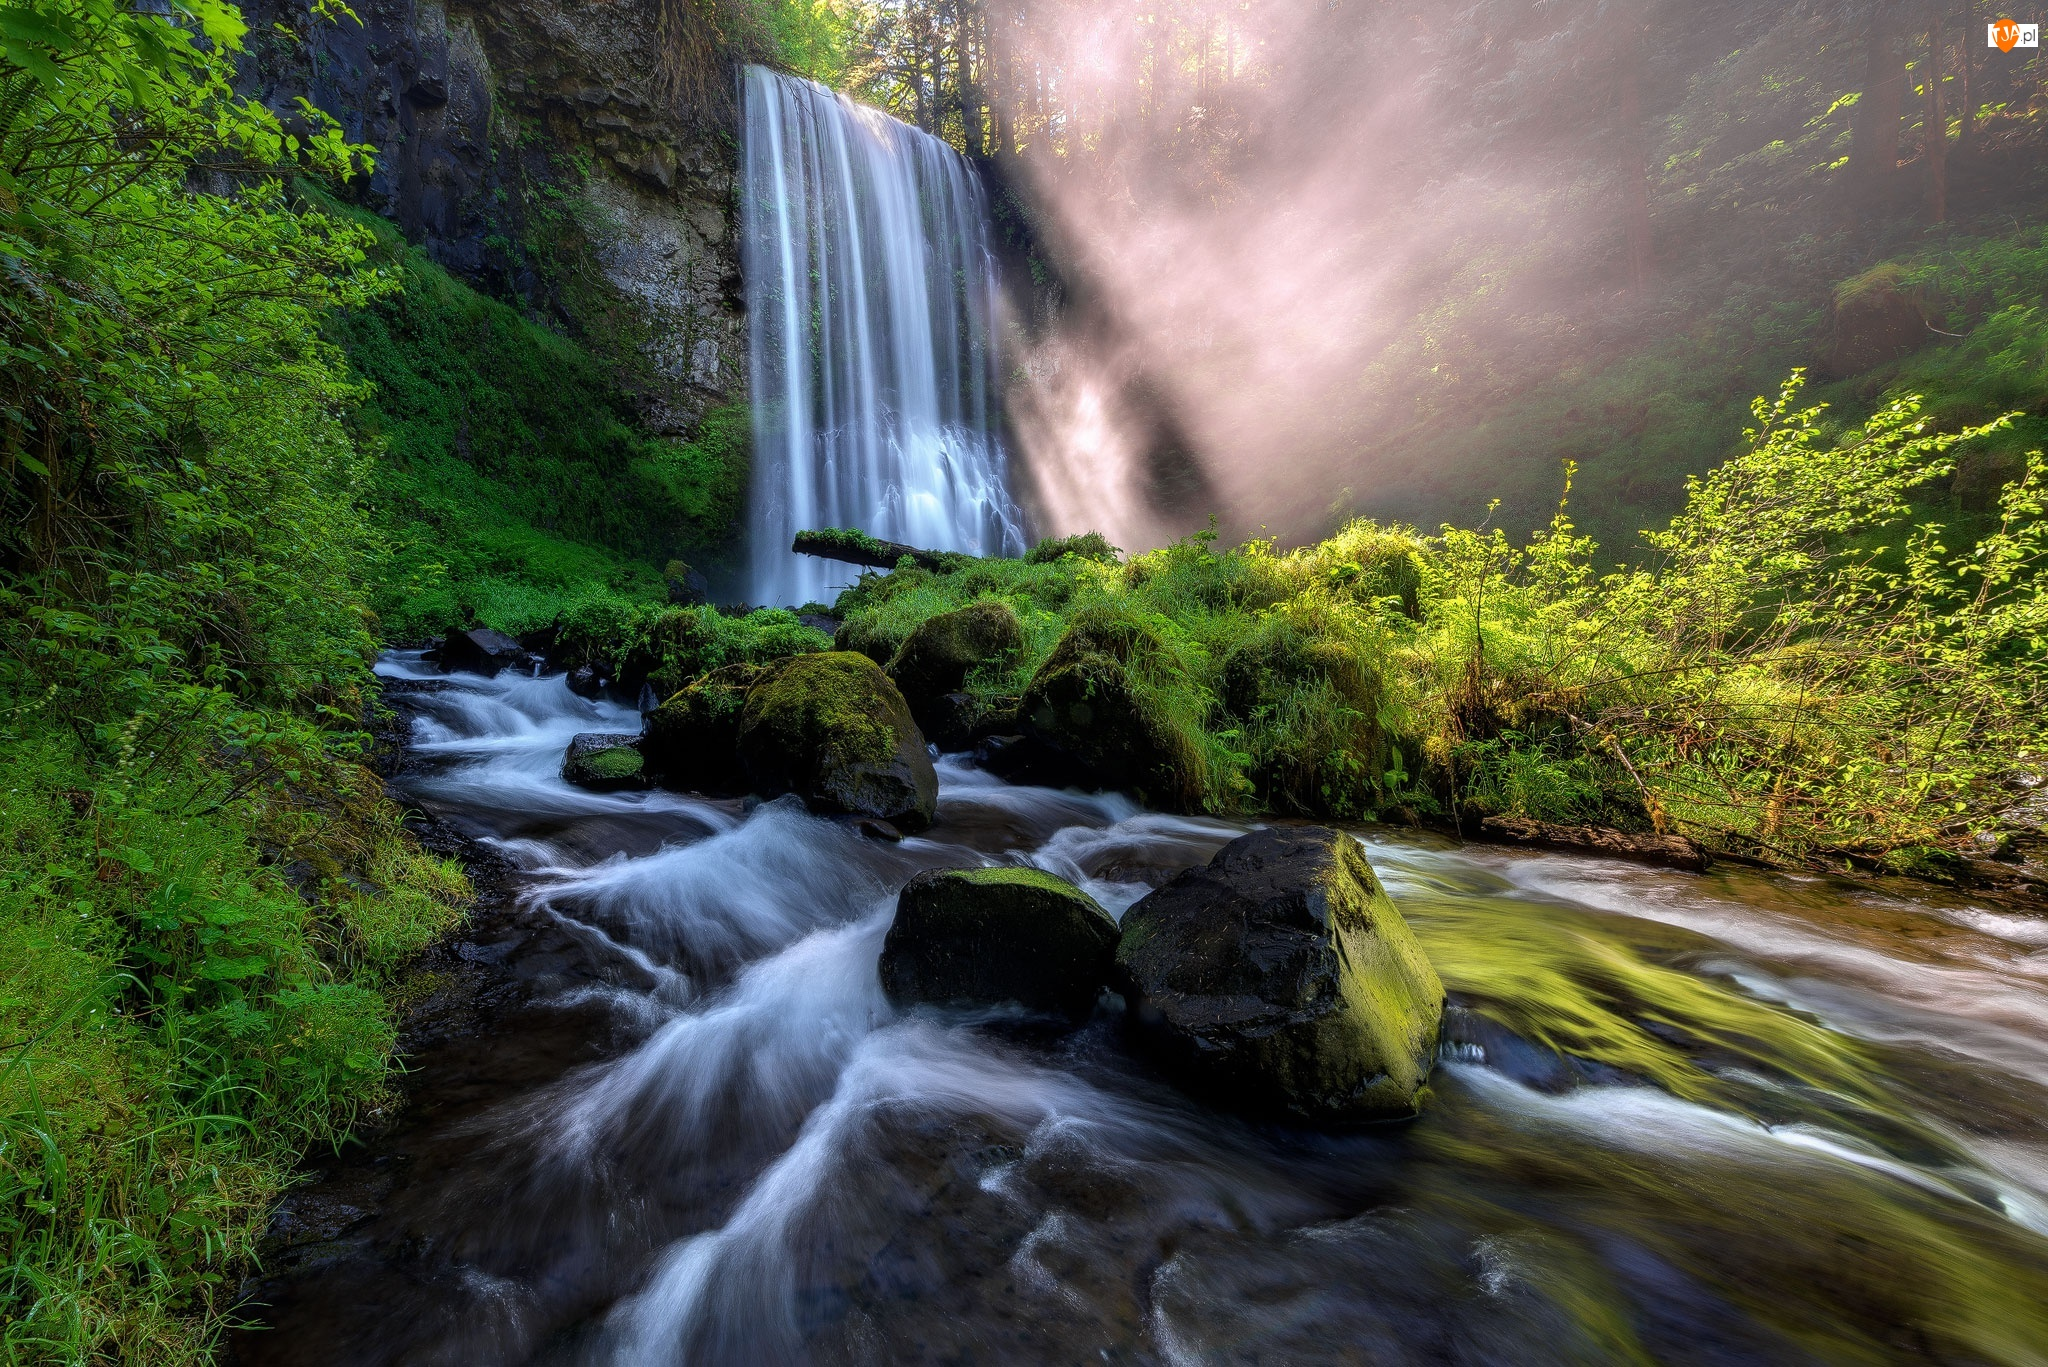 Skały, Rzeka Kolumbia, Kamienie, Drzewa, Roślinność, Wodospad, Hood River, Omszałe, Rezerwat przyrody Columbia River Gorge, Stan Oregon, Stany Zjednoczone, Las